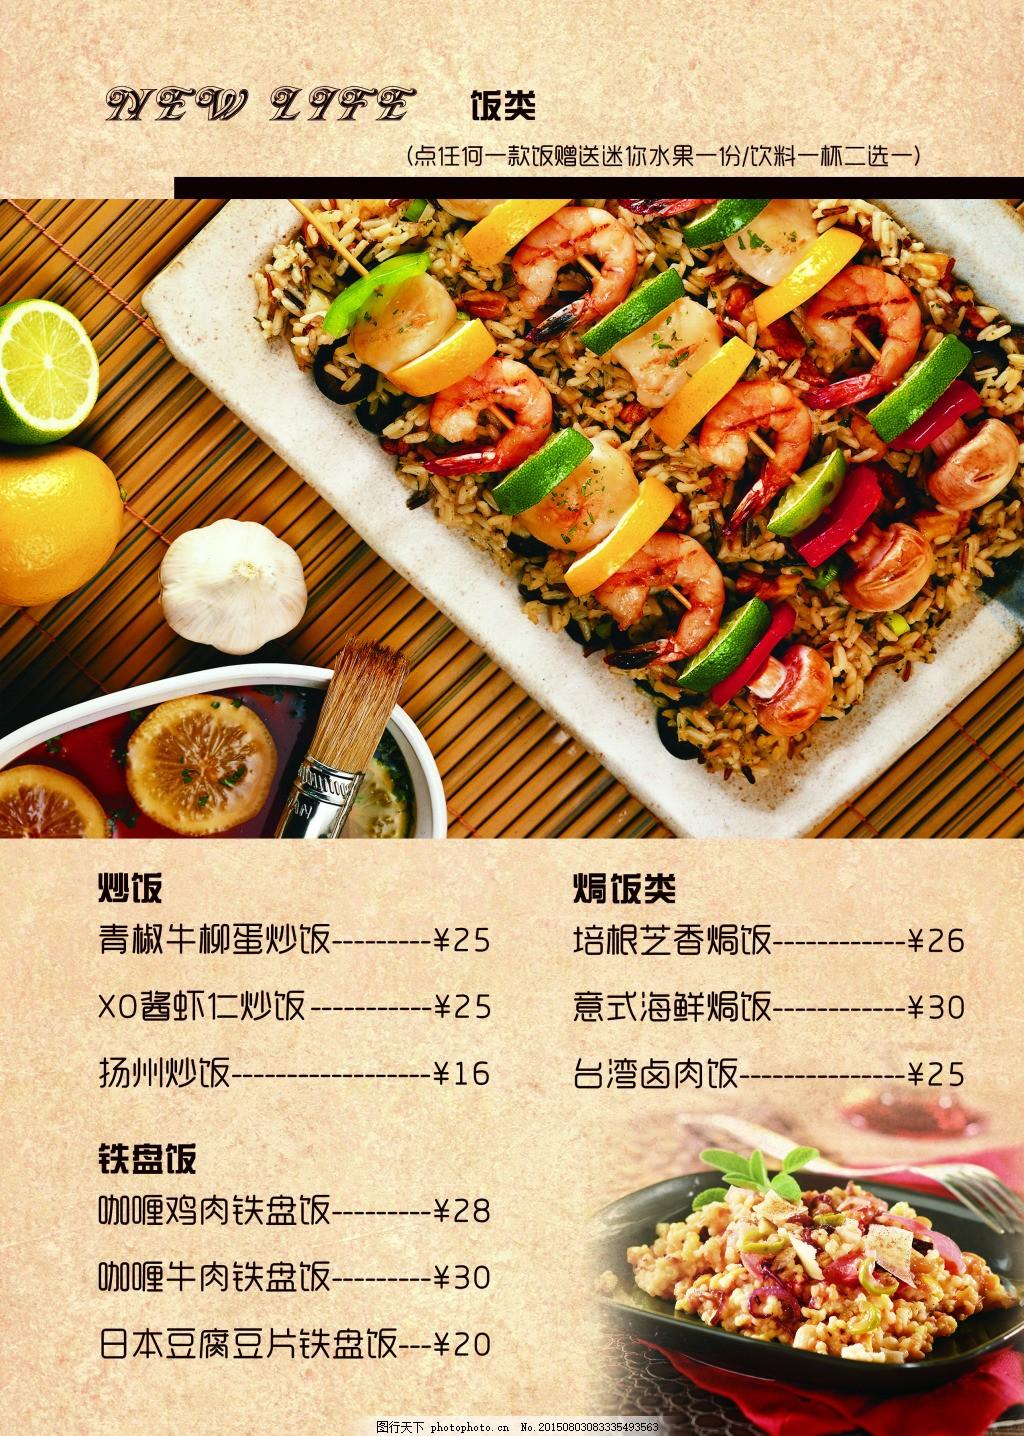 西餐厅菜谱,图库鳕鱼-图行天下黄色蒸菜单赛螃蟹图片